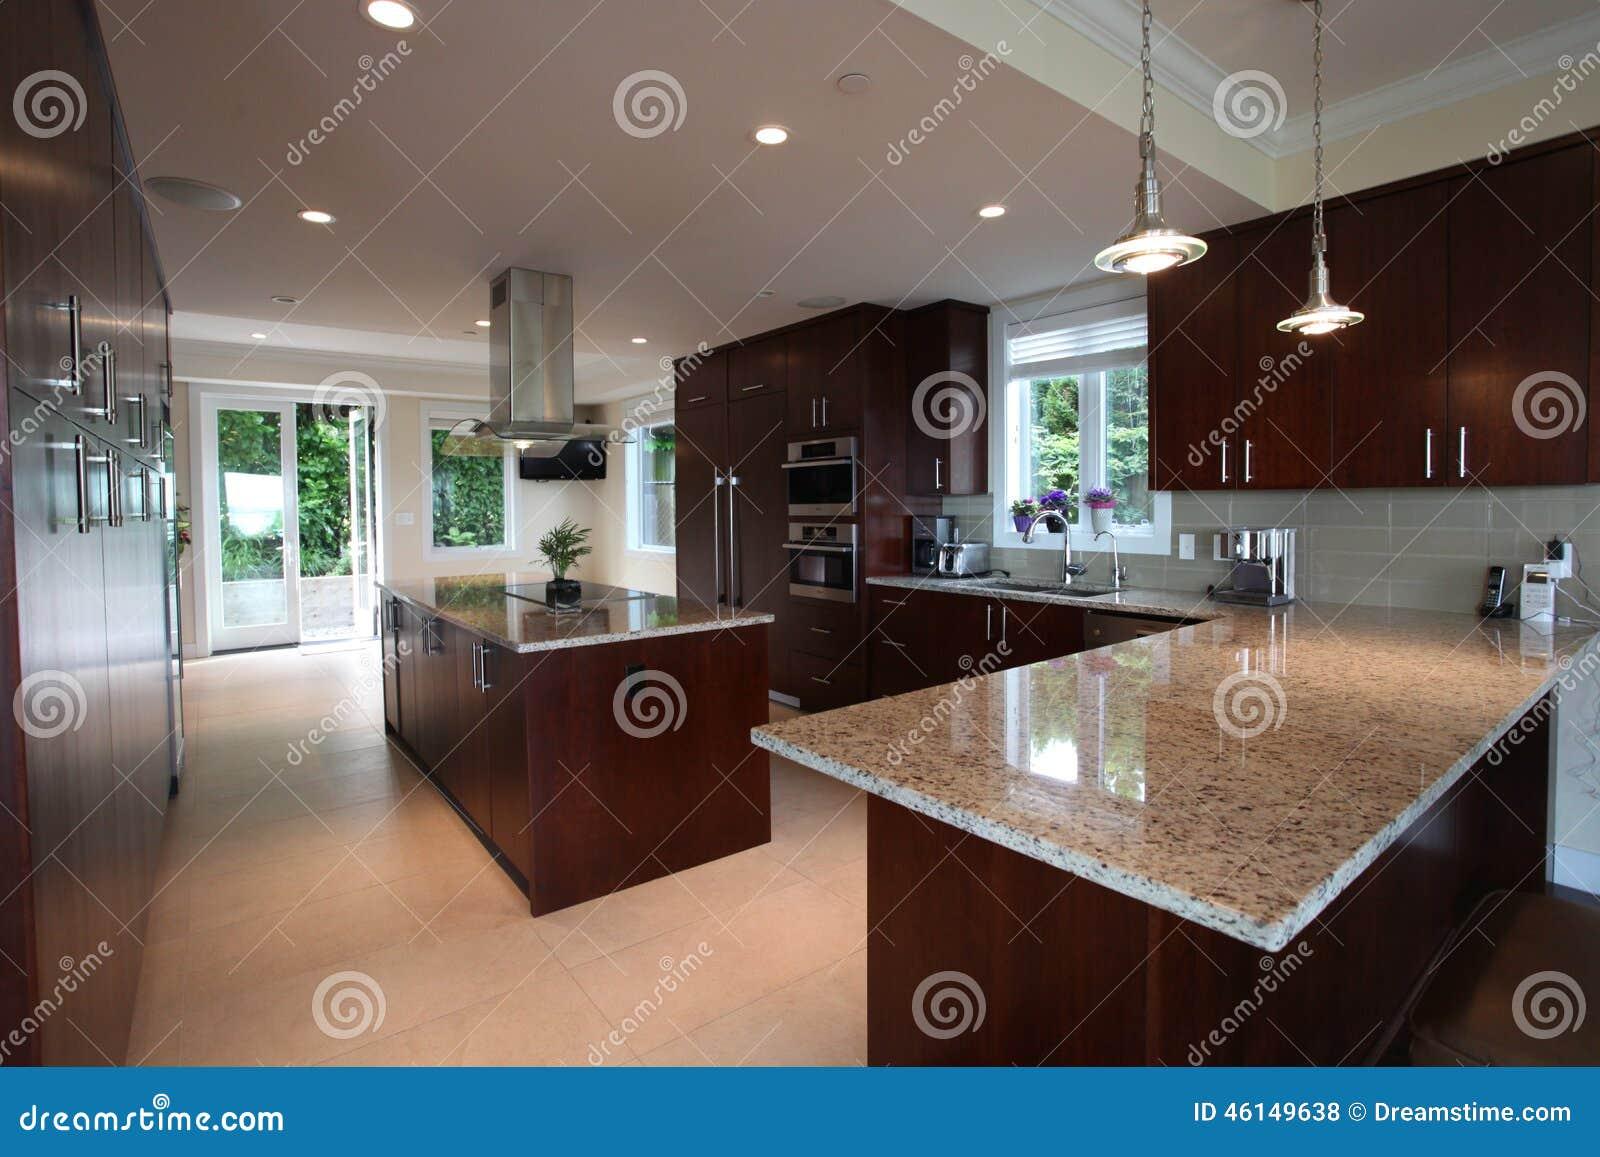 Cocina ideal foto de archivo. Imagen de lujo, madera - 46149638